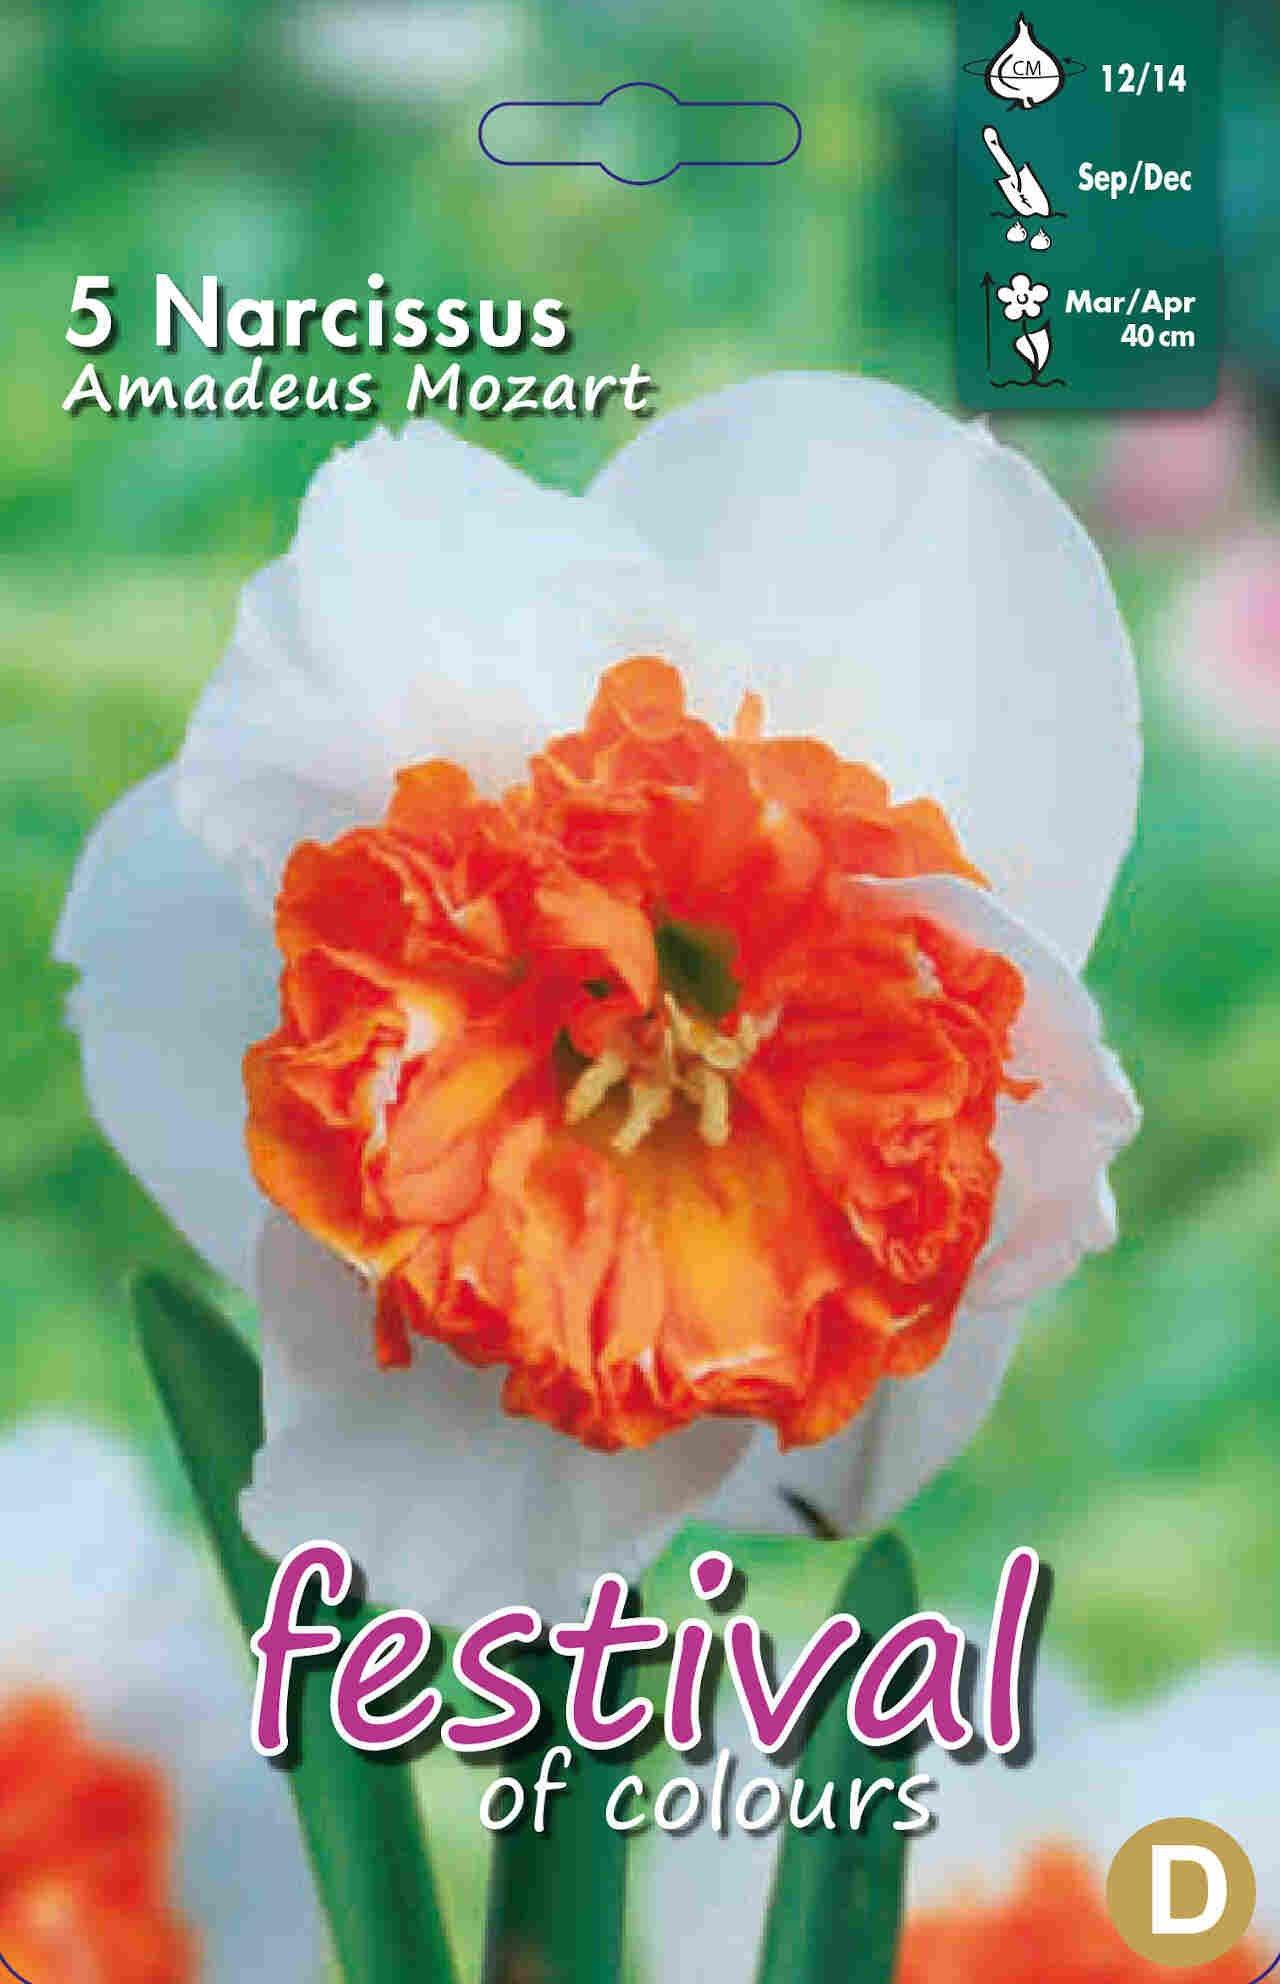 Påskeliljeløg - Narcissus Amadeus Mozart 12/14